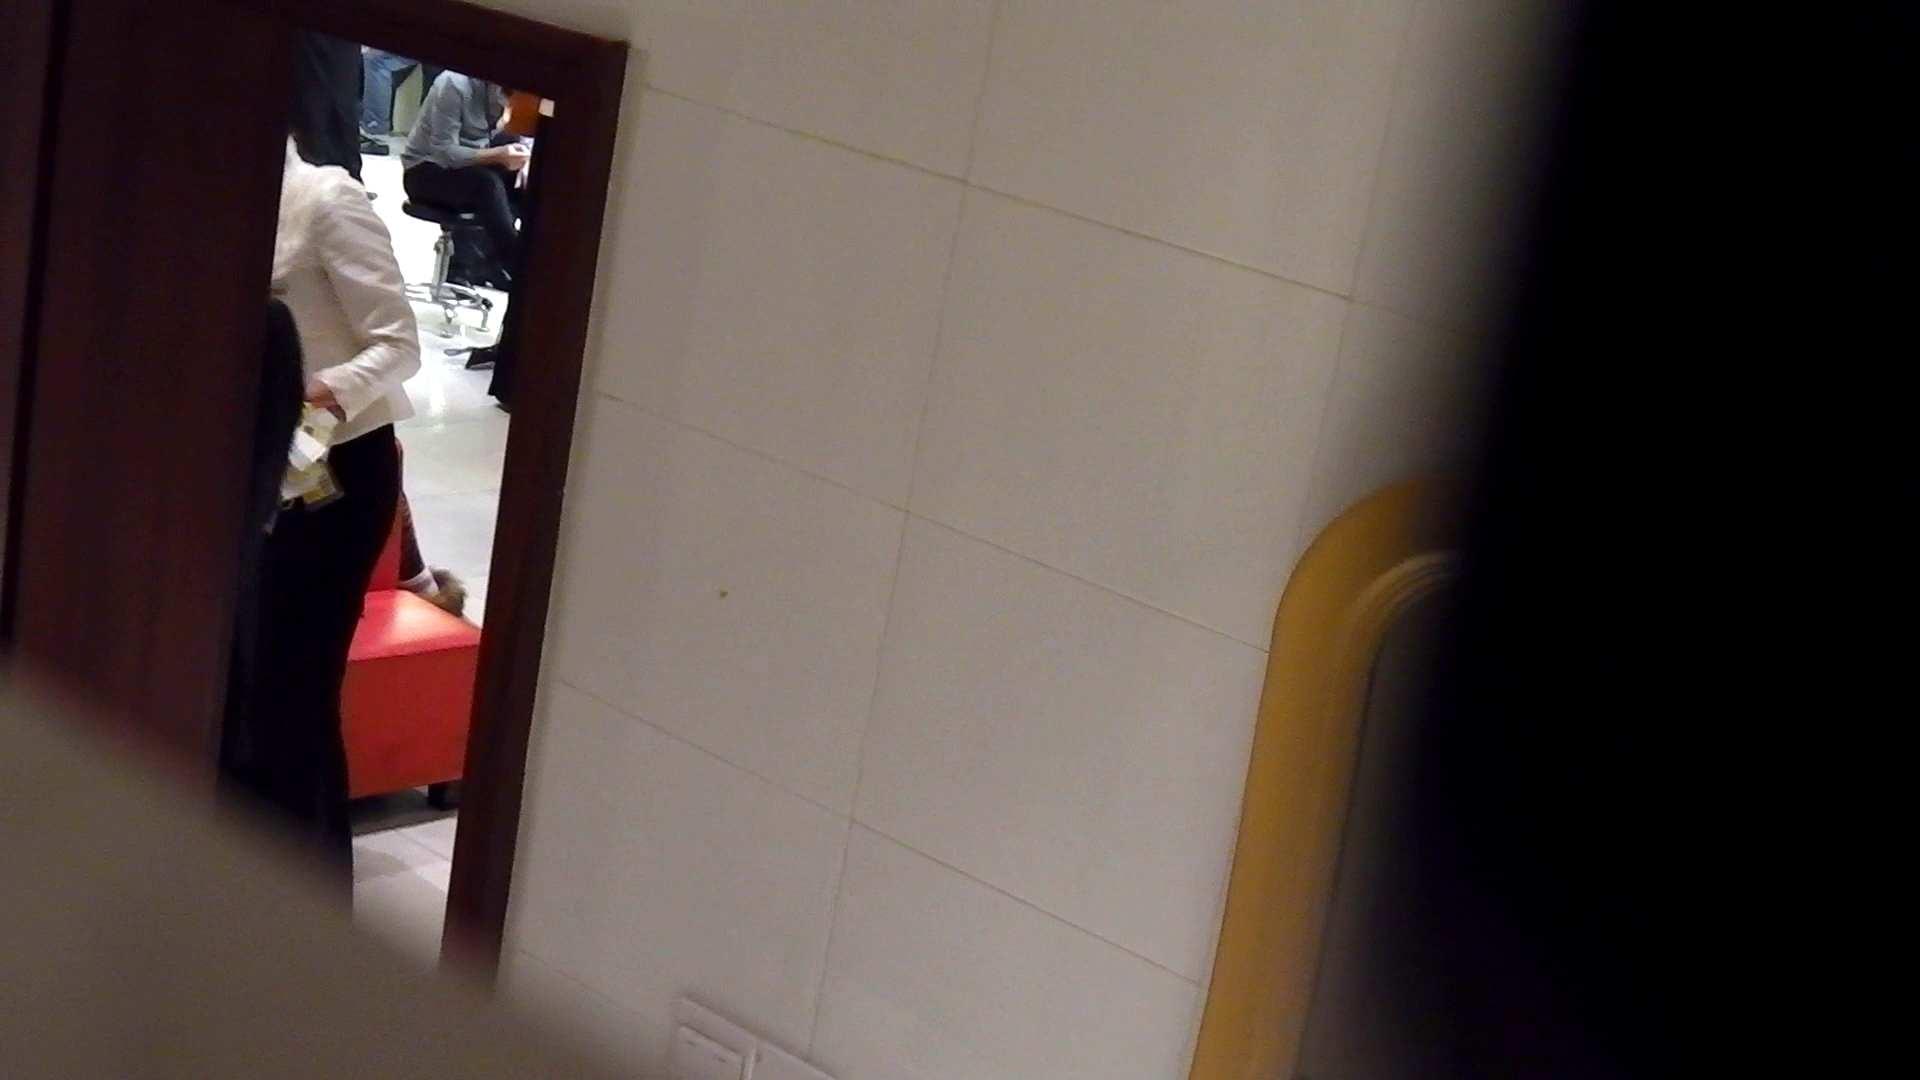 洗寿観音さんの 化粧室は四面楚歌Nol.3 洗面所  51PIX 26